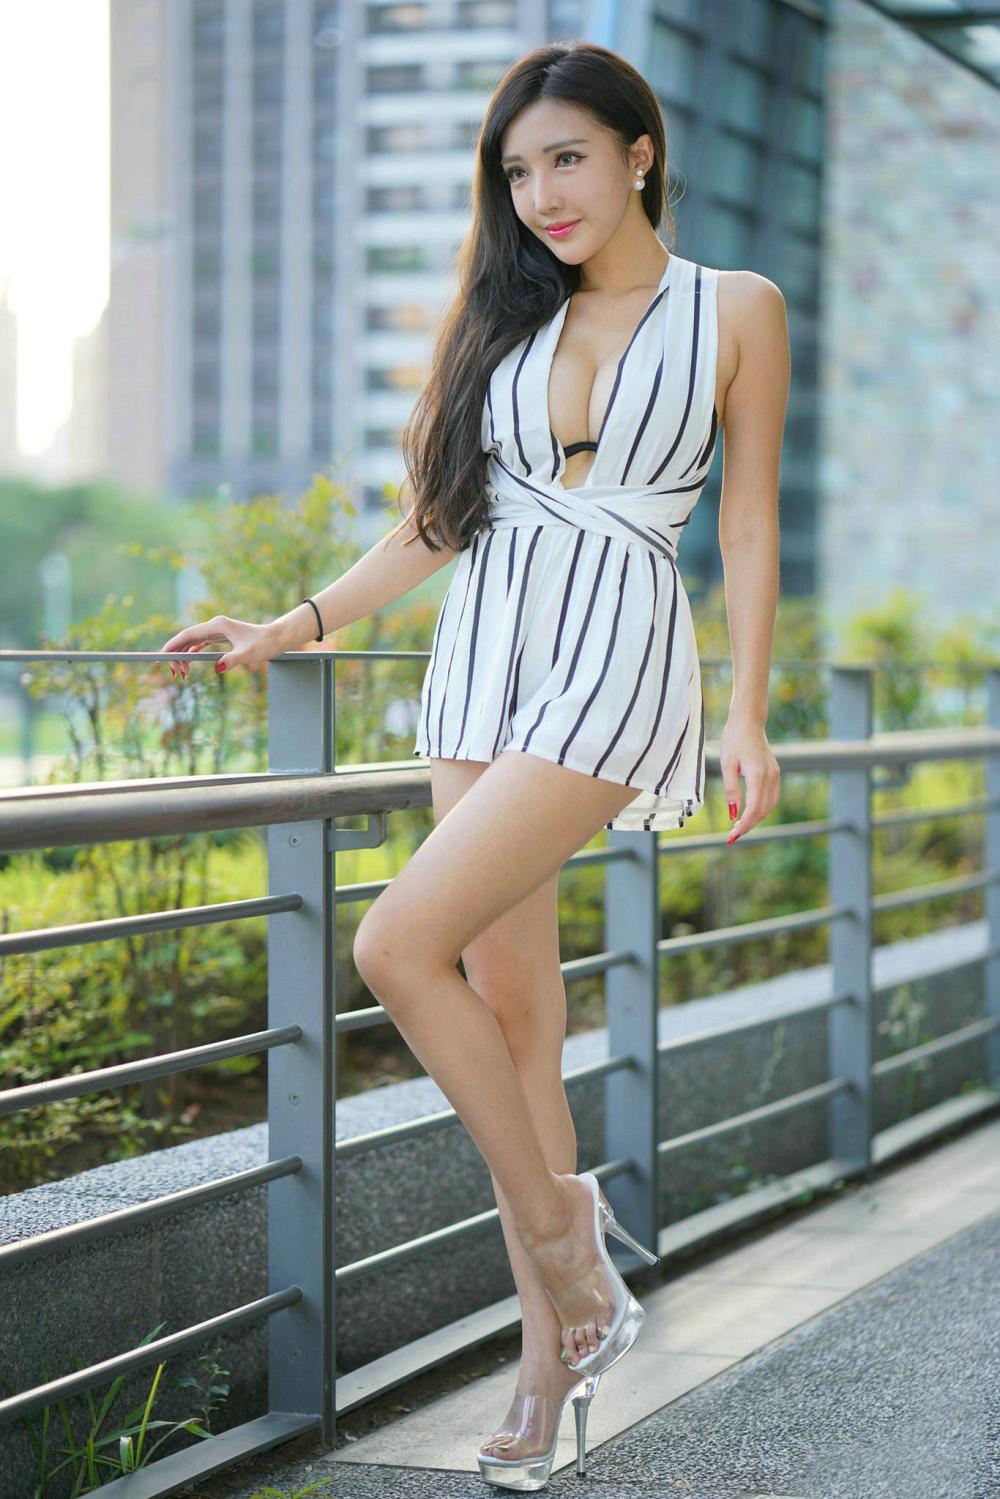 连衣裙魅力穿搭, 小姐姐的凸凹身材让人着迷 1